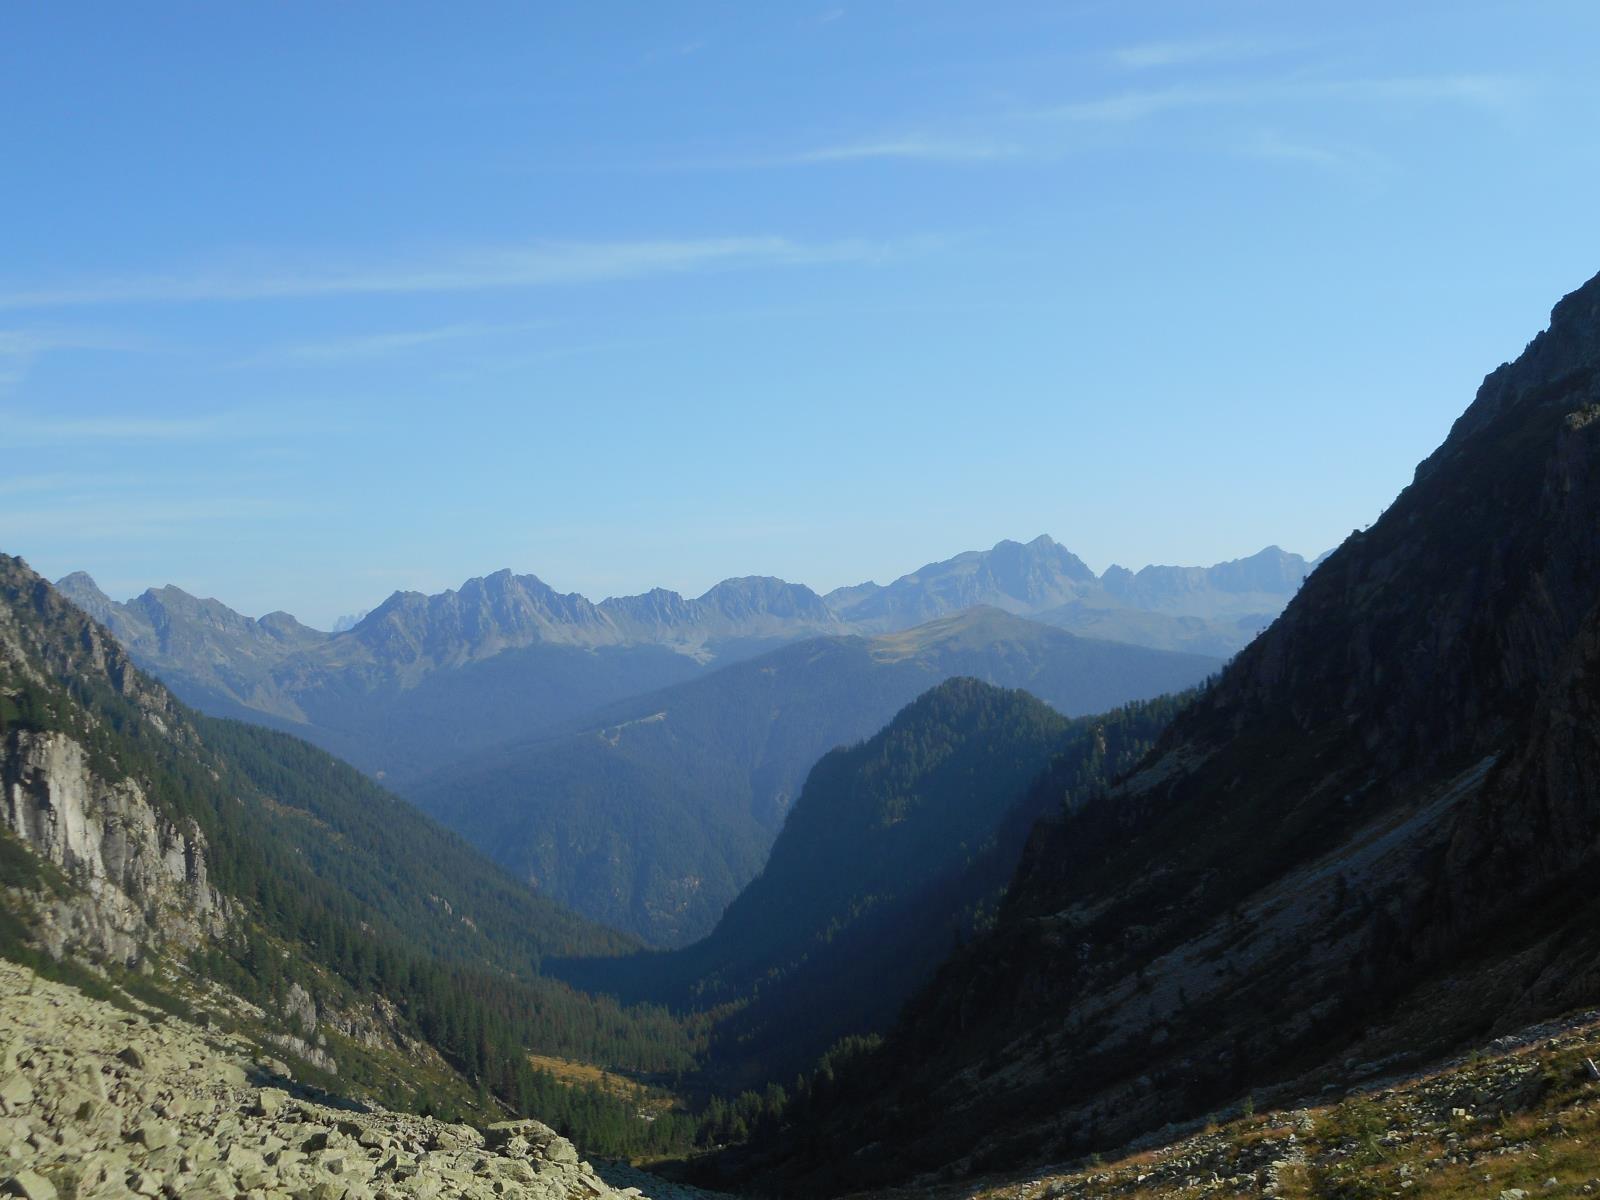 Depuis la Forcla, vue sur le massif du Cece (massif du Panevaggio)